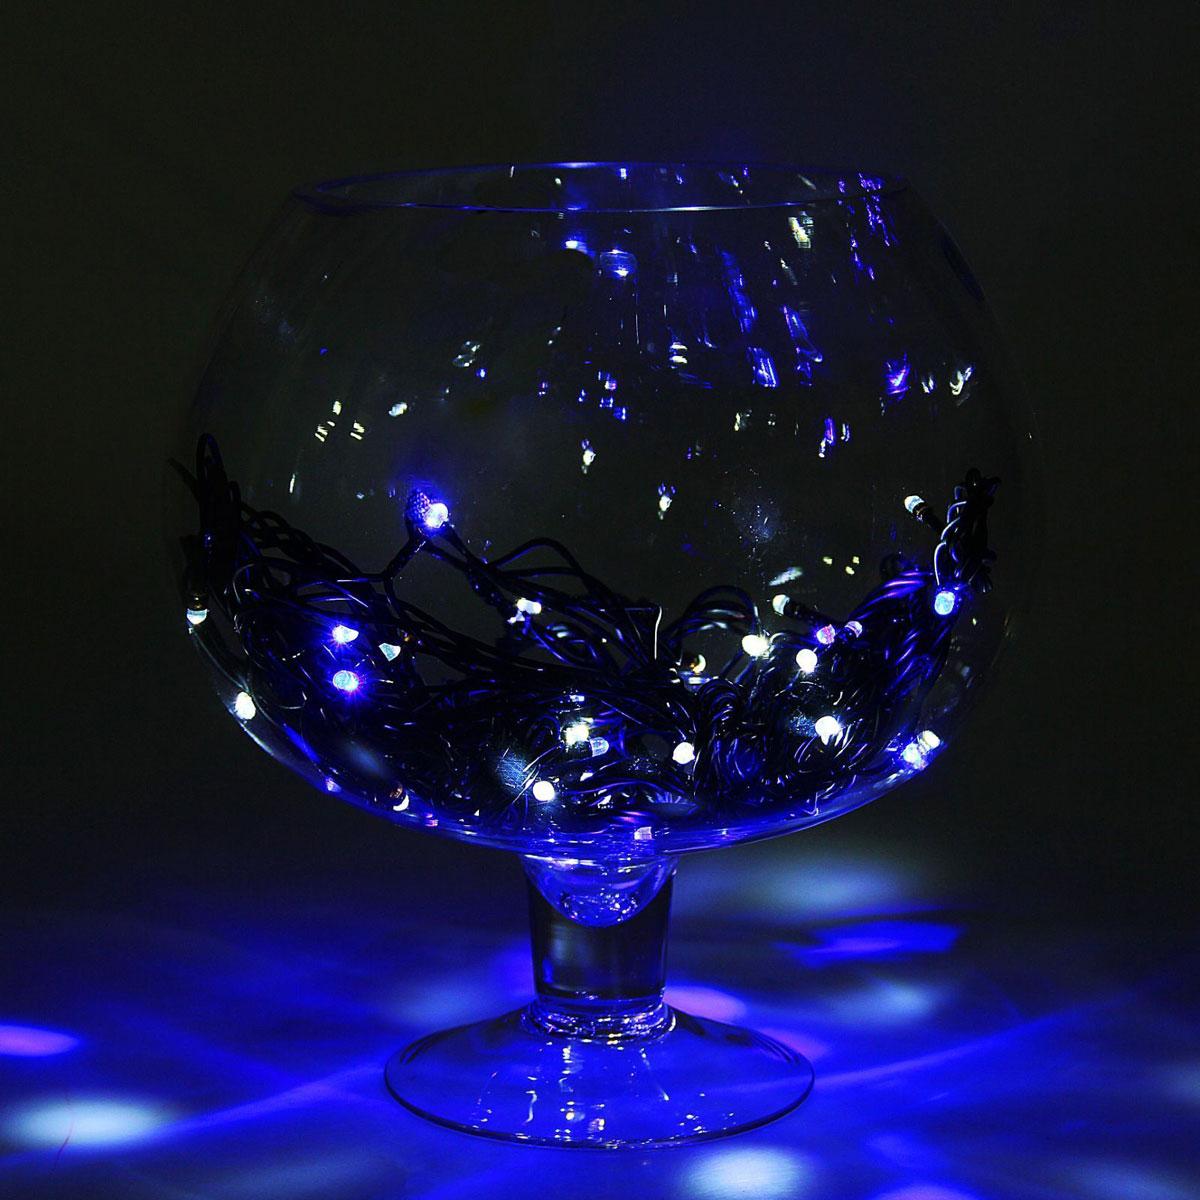 Гирлянда светодиодная Luazon Метраж, уличная, 100 ламп, 220 V, 10 м, цвет: синий. 10800301080030Светодиодные гирлянды, ленты и т.д. — это отличный вариант для новогоднего оформления интерьера или фасада. С их помощью помещение любого размера можно превратить в праздничный зал, а внешние элементы зданий, украшенные ими, мгновенно станут напоминать очертания сказочного дворца. Такие украшения создают ауру предвкушения чуда. Деревья, фасады, витрины, окна и арки будто специально созданы, чтобы вы украсили их светящимися нитями.